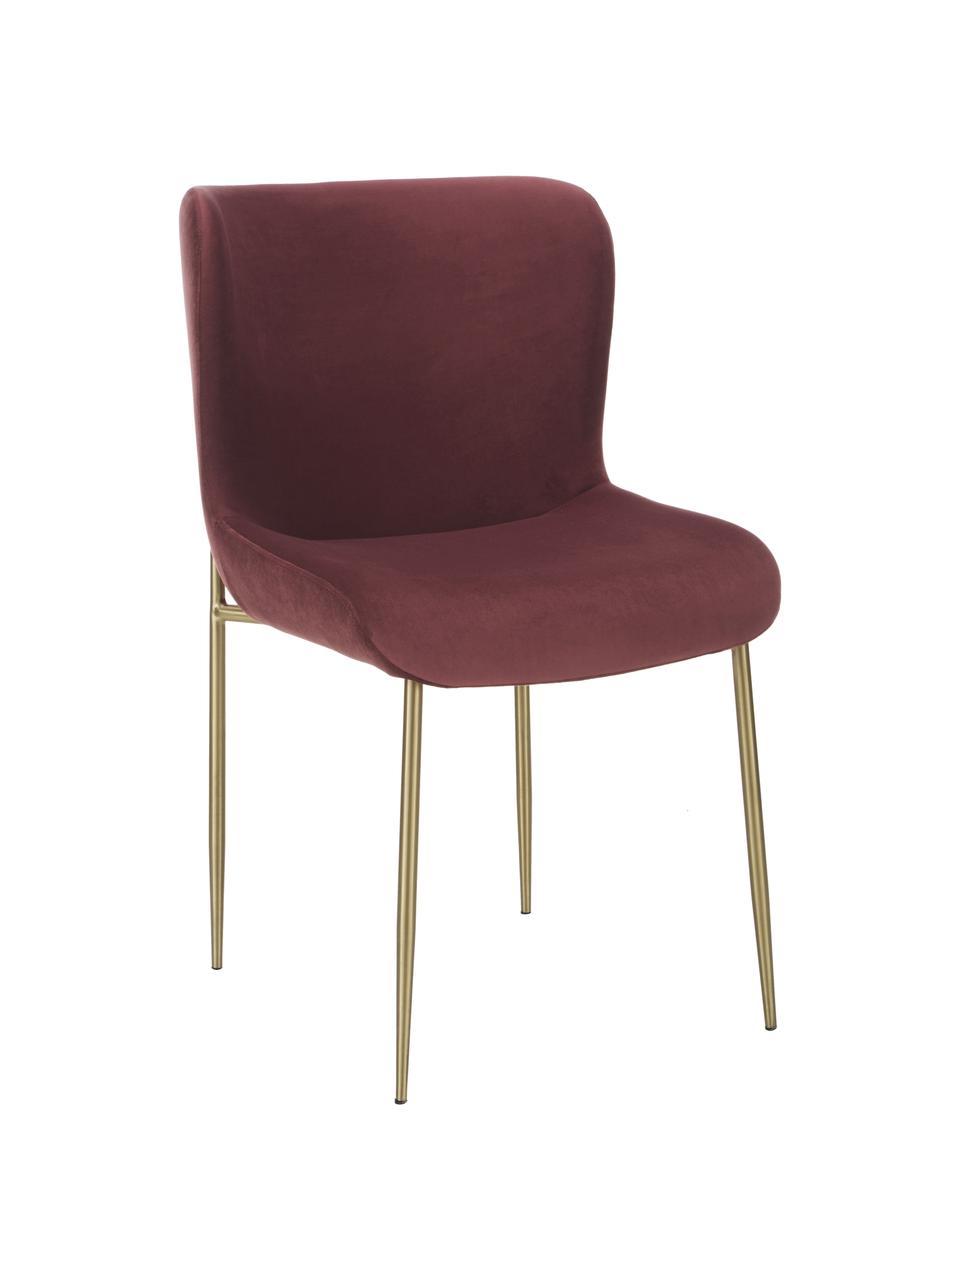 Krzesło tapicerowane z aksamitu Tess, Tapicerka: aksamit (poliester) Dzięk, Nogi: metal malowany proszkowo, Aksamitny bordowy, złoty, S 49 x G 64 cm